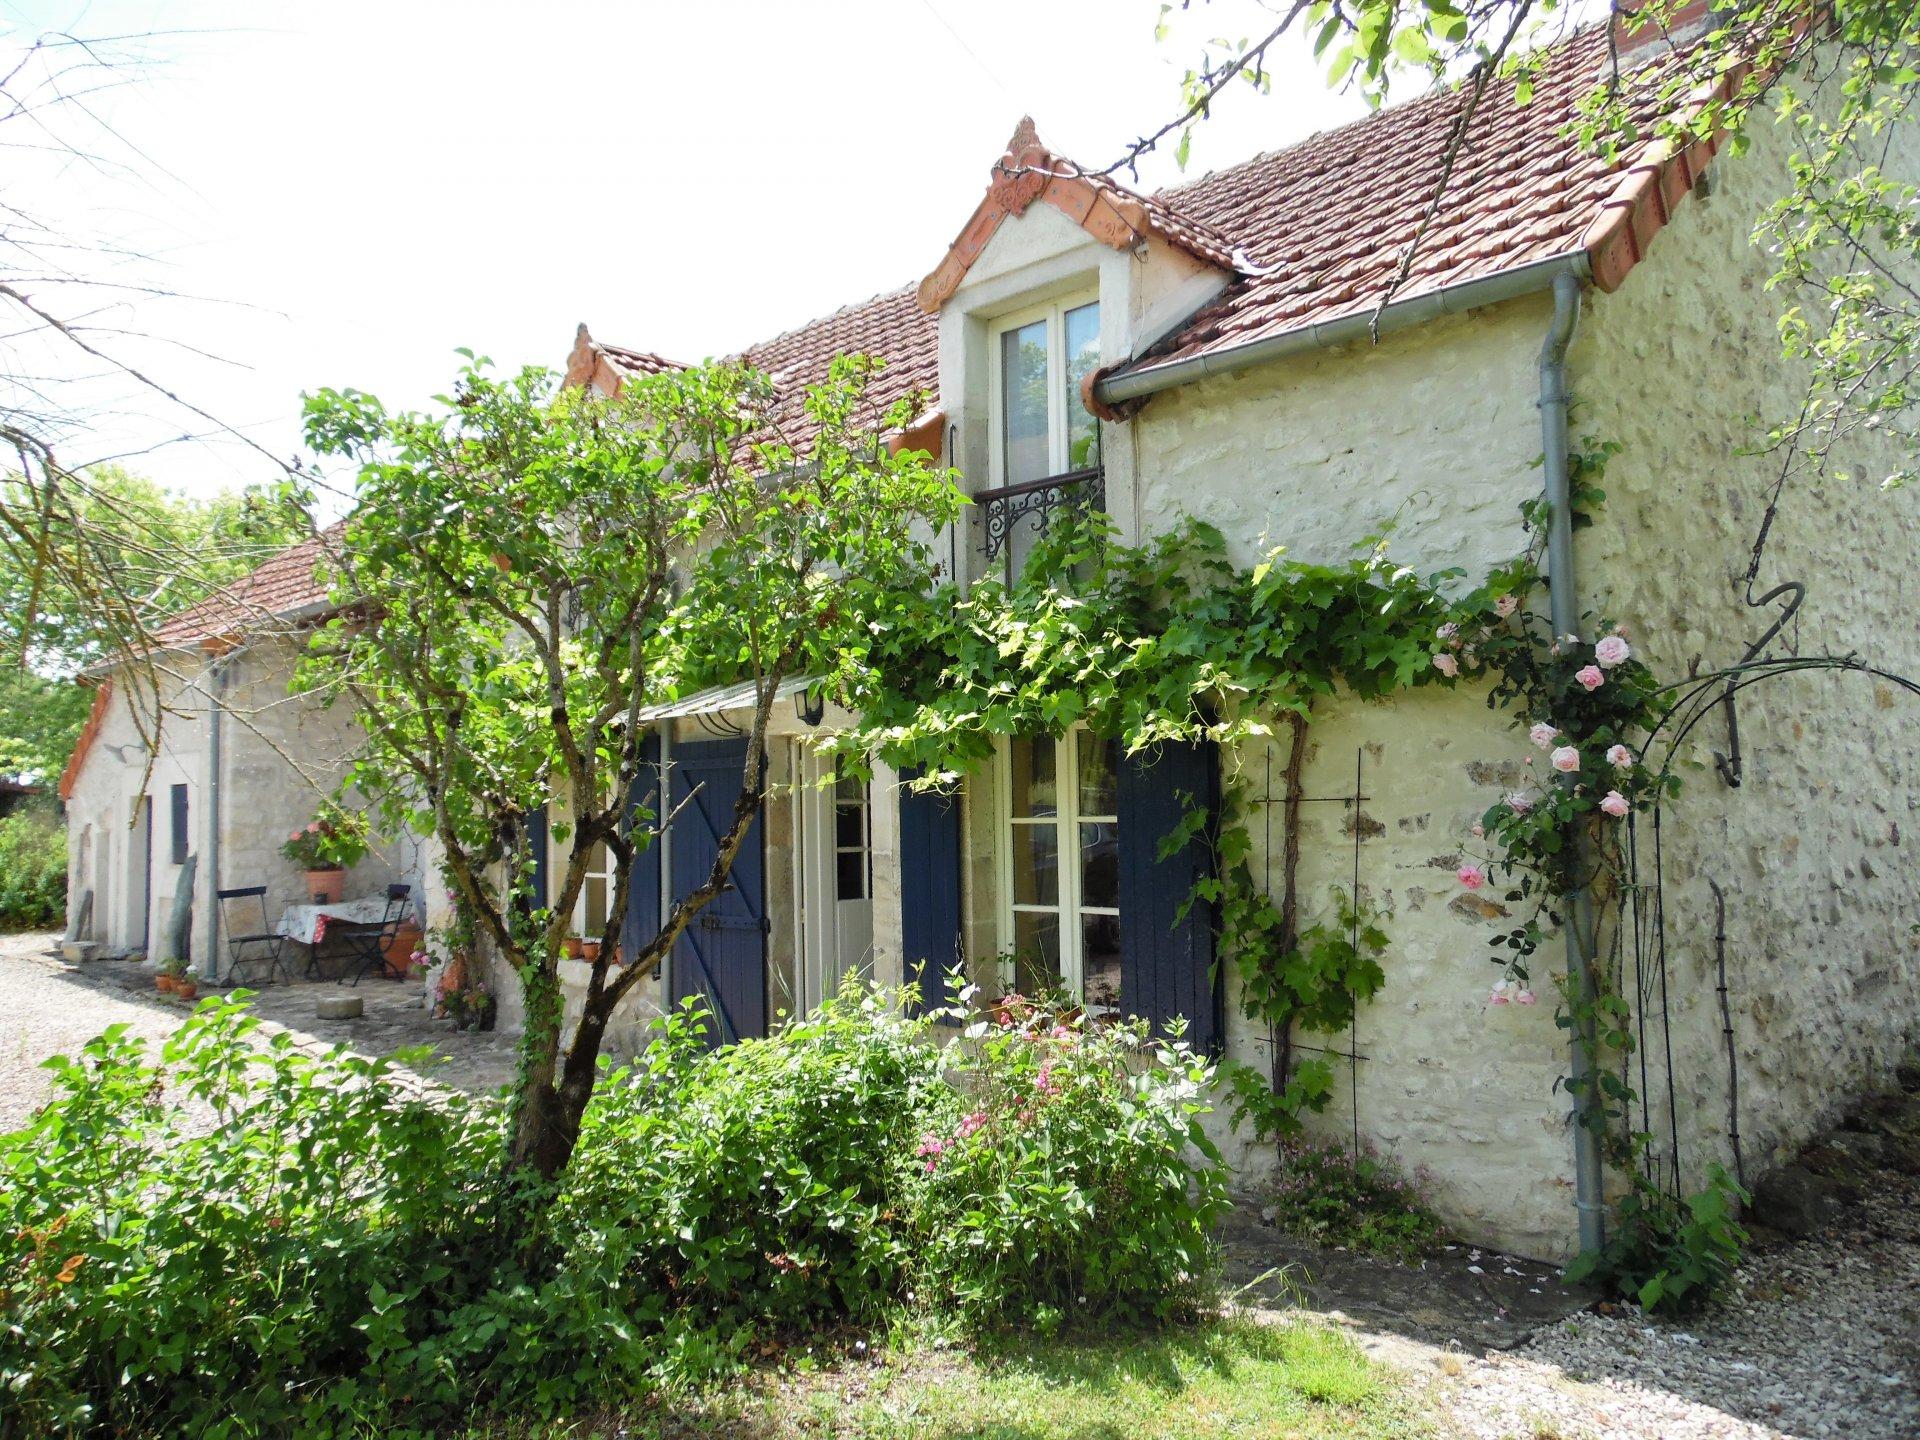 A vendre dans l'Indre, une fermette, piscine et 2,3 ha.